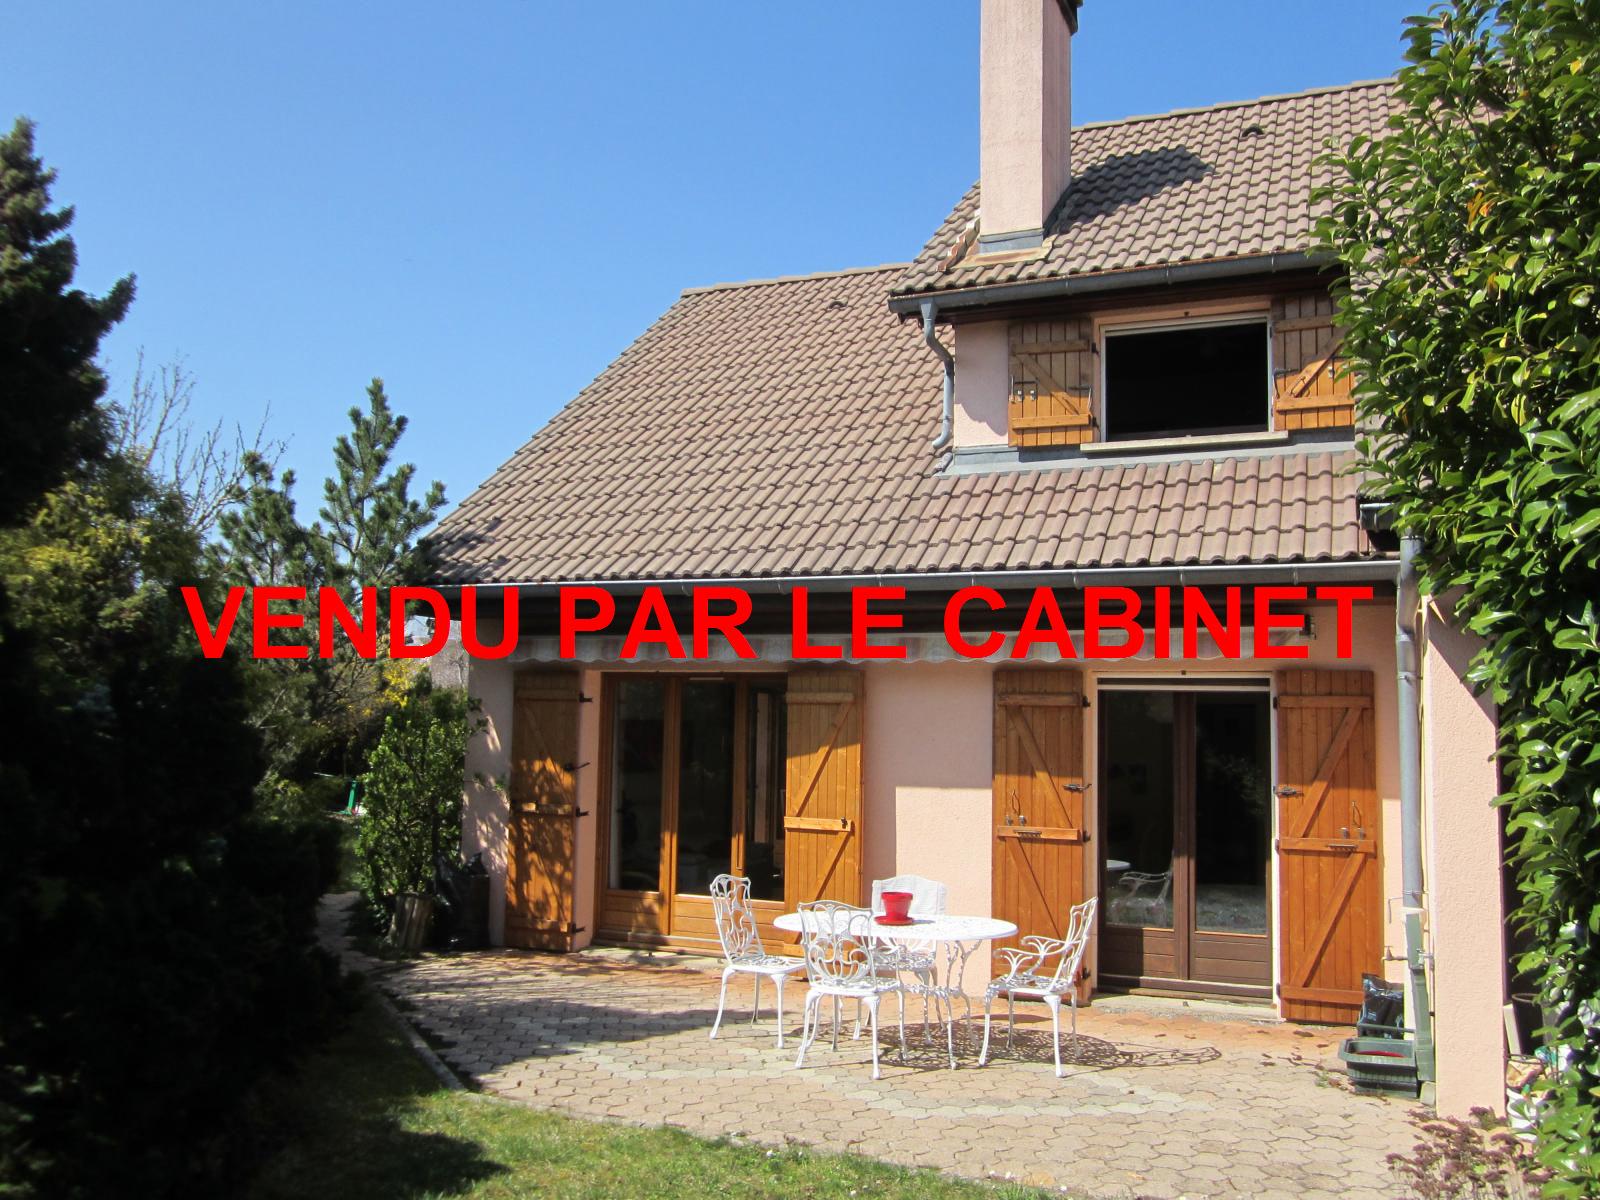 EXCLUSIVITE St Julien-en-Genevois Maison mitoyenne d'un côté idéalement située...VENDU PAR LE CABINET